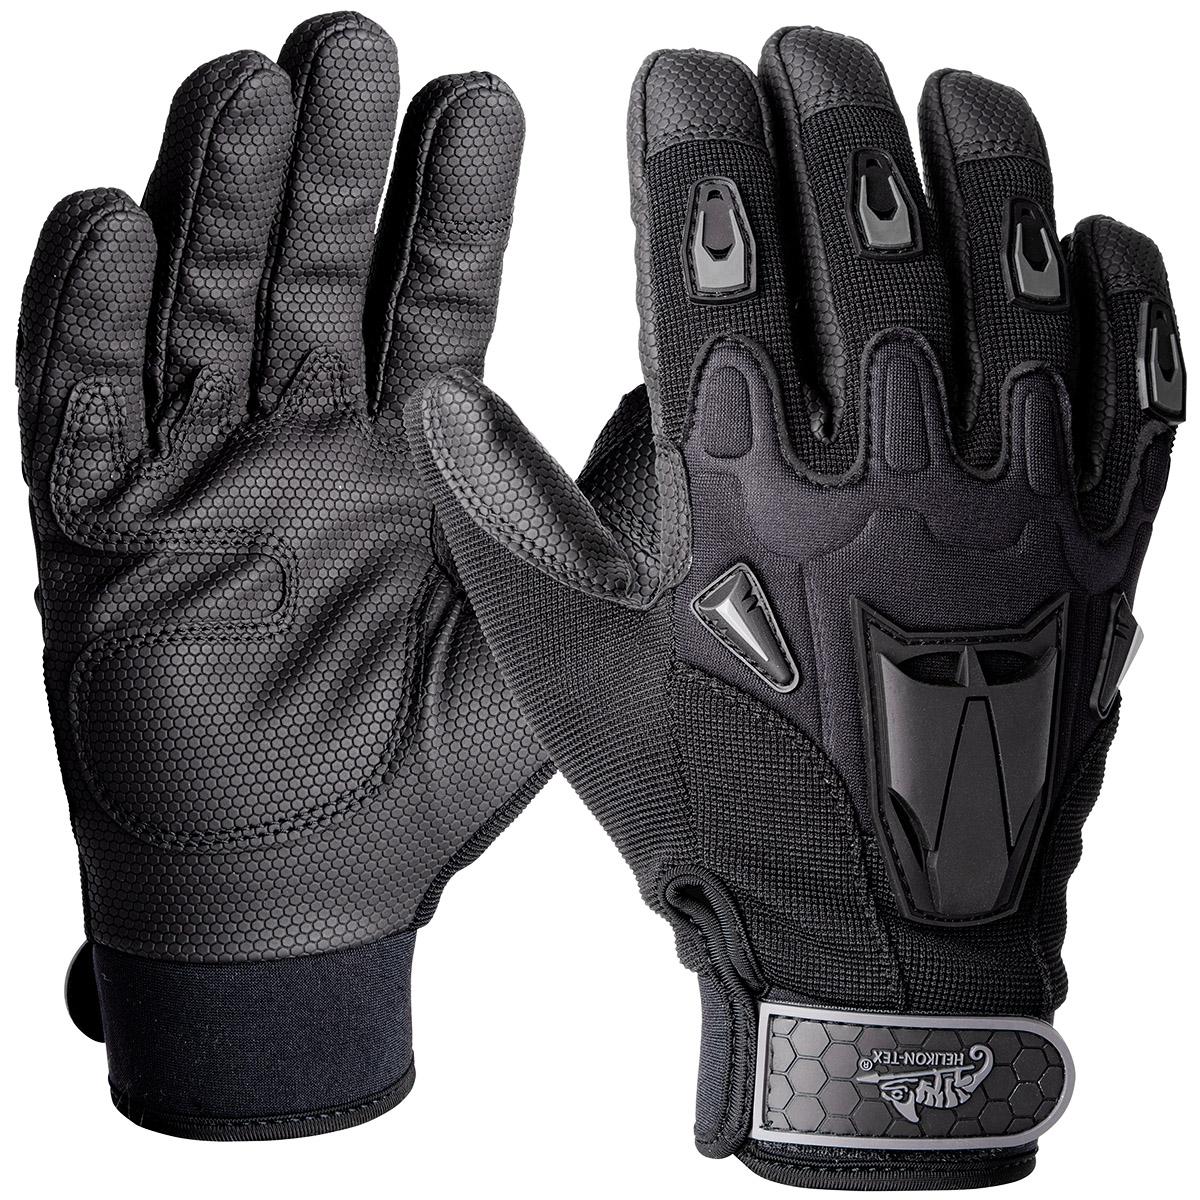 Тактические перчатки. Лучшие среди бюджетных